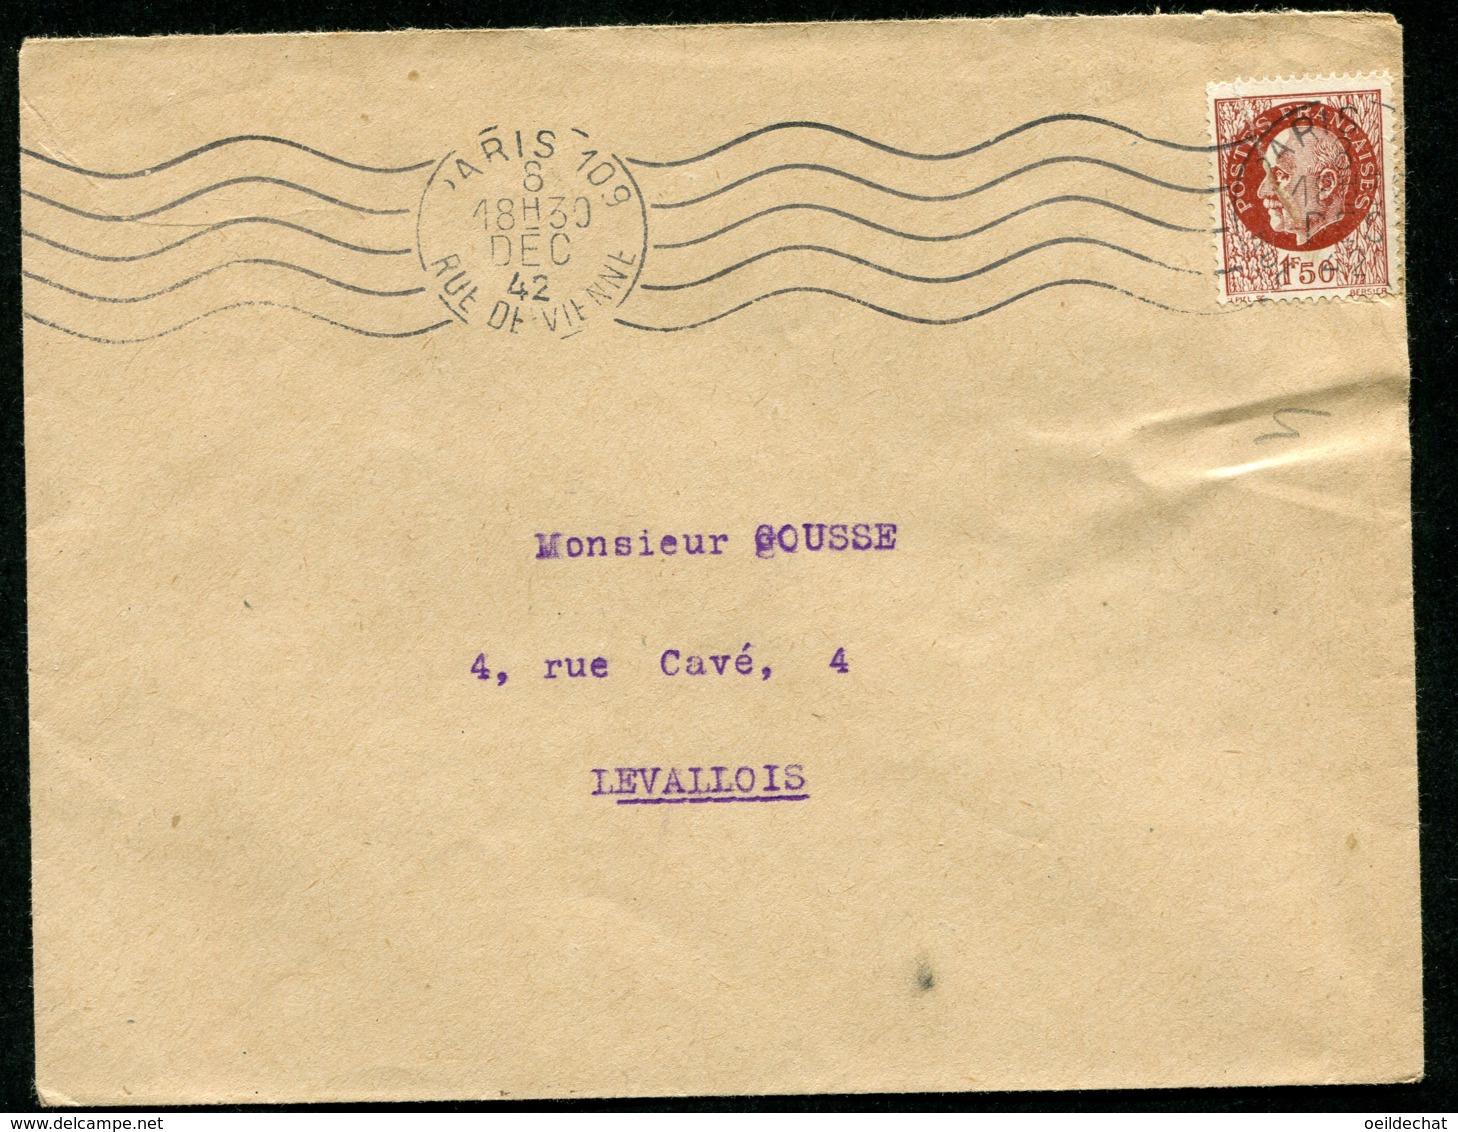 16192 FRANCE N°517° Flamme Muette  Paris 109 Rue De Vienne  Du  8.DEC.1942  TB - Marcophilie (Lettres)